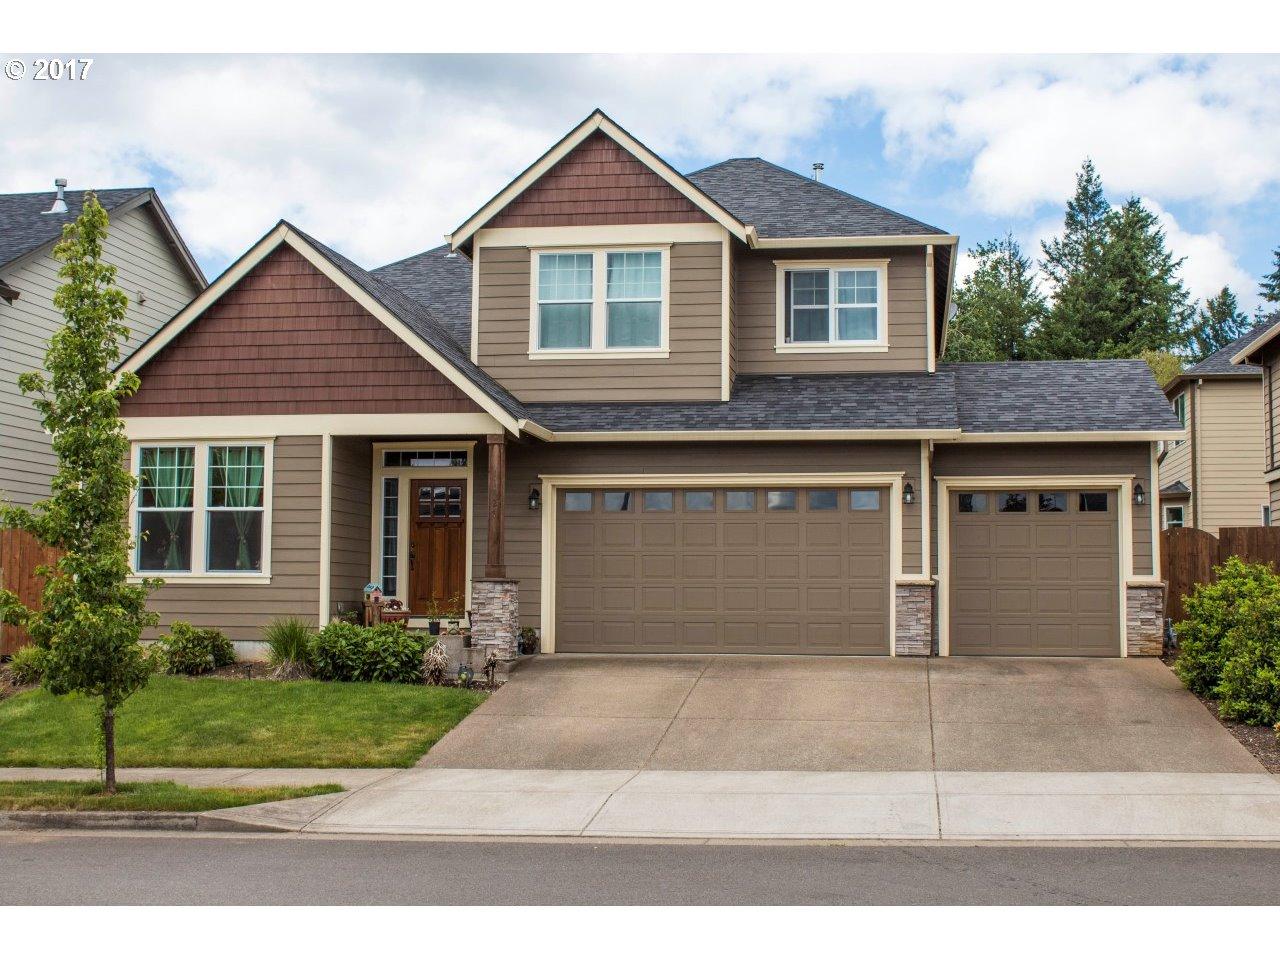 11427 SPRITE WAY, Oregon City, OR 97045